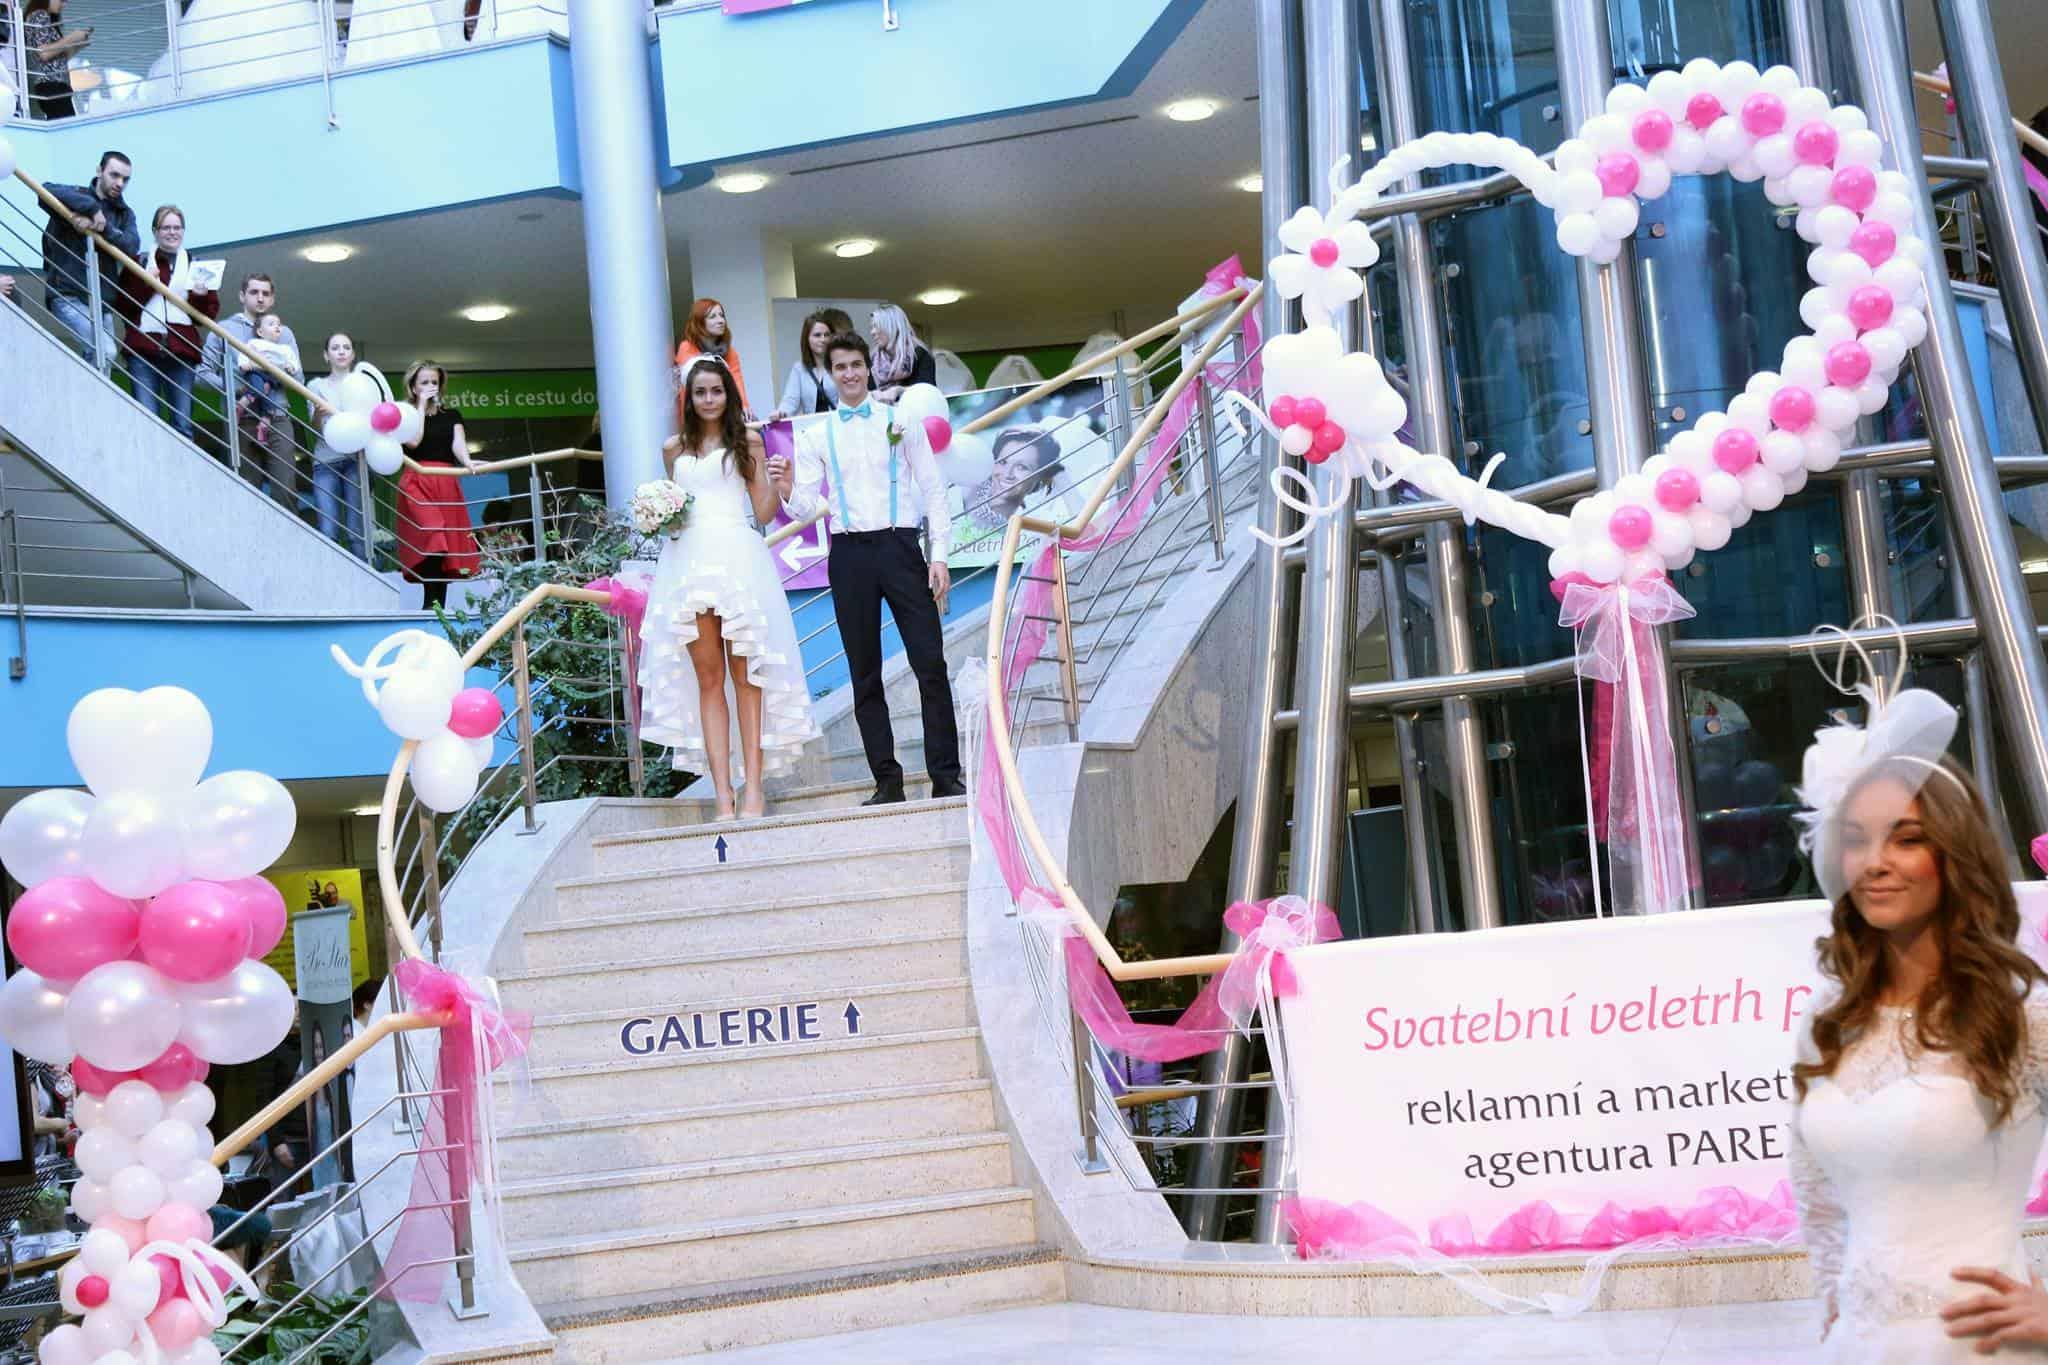 Svatební veletrh Pardubice - schody